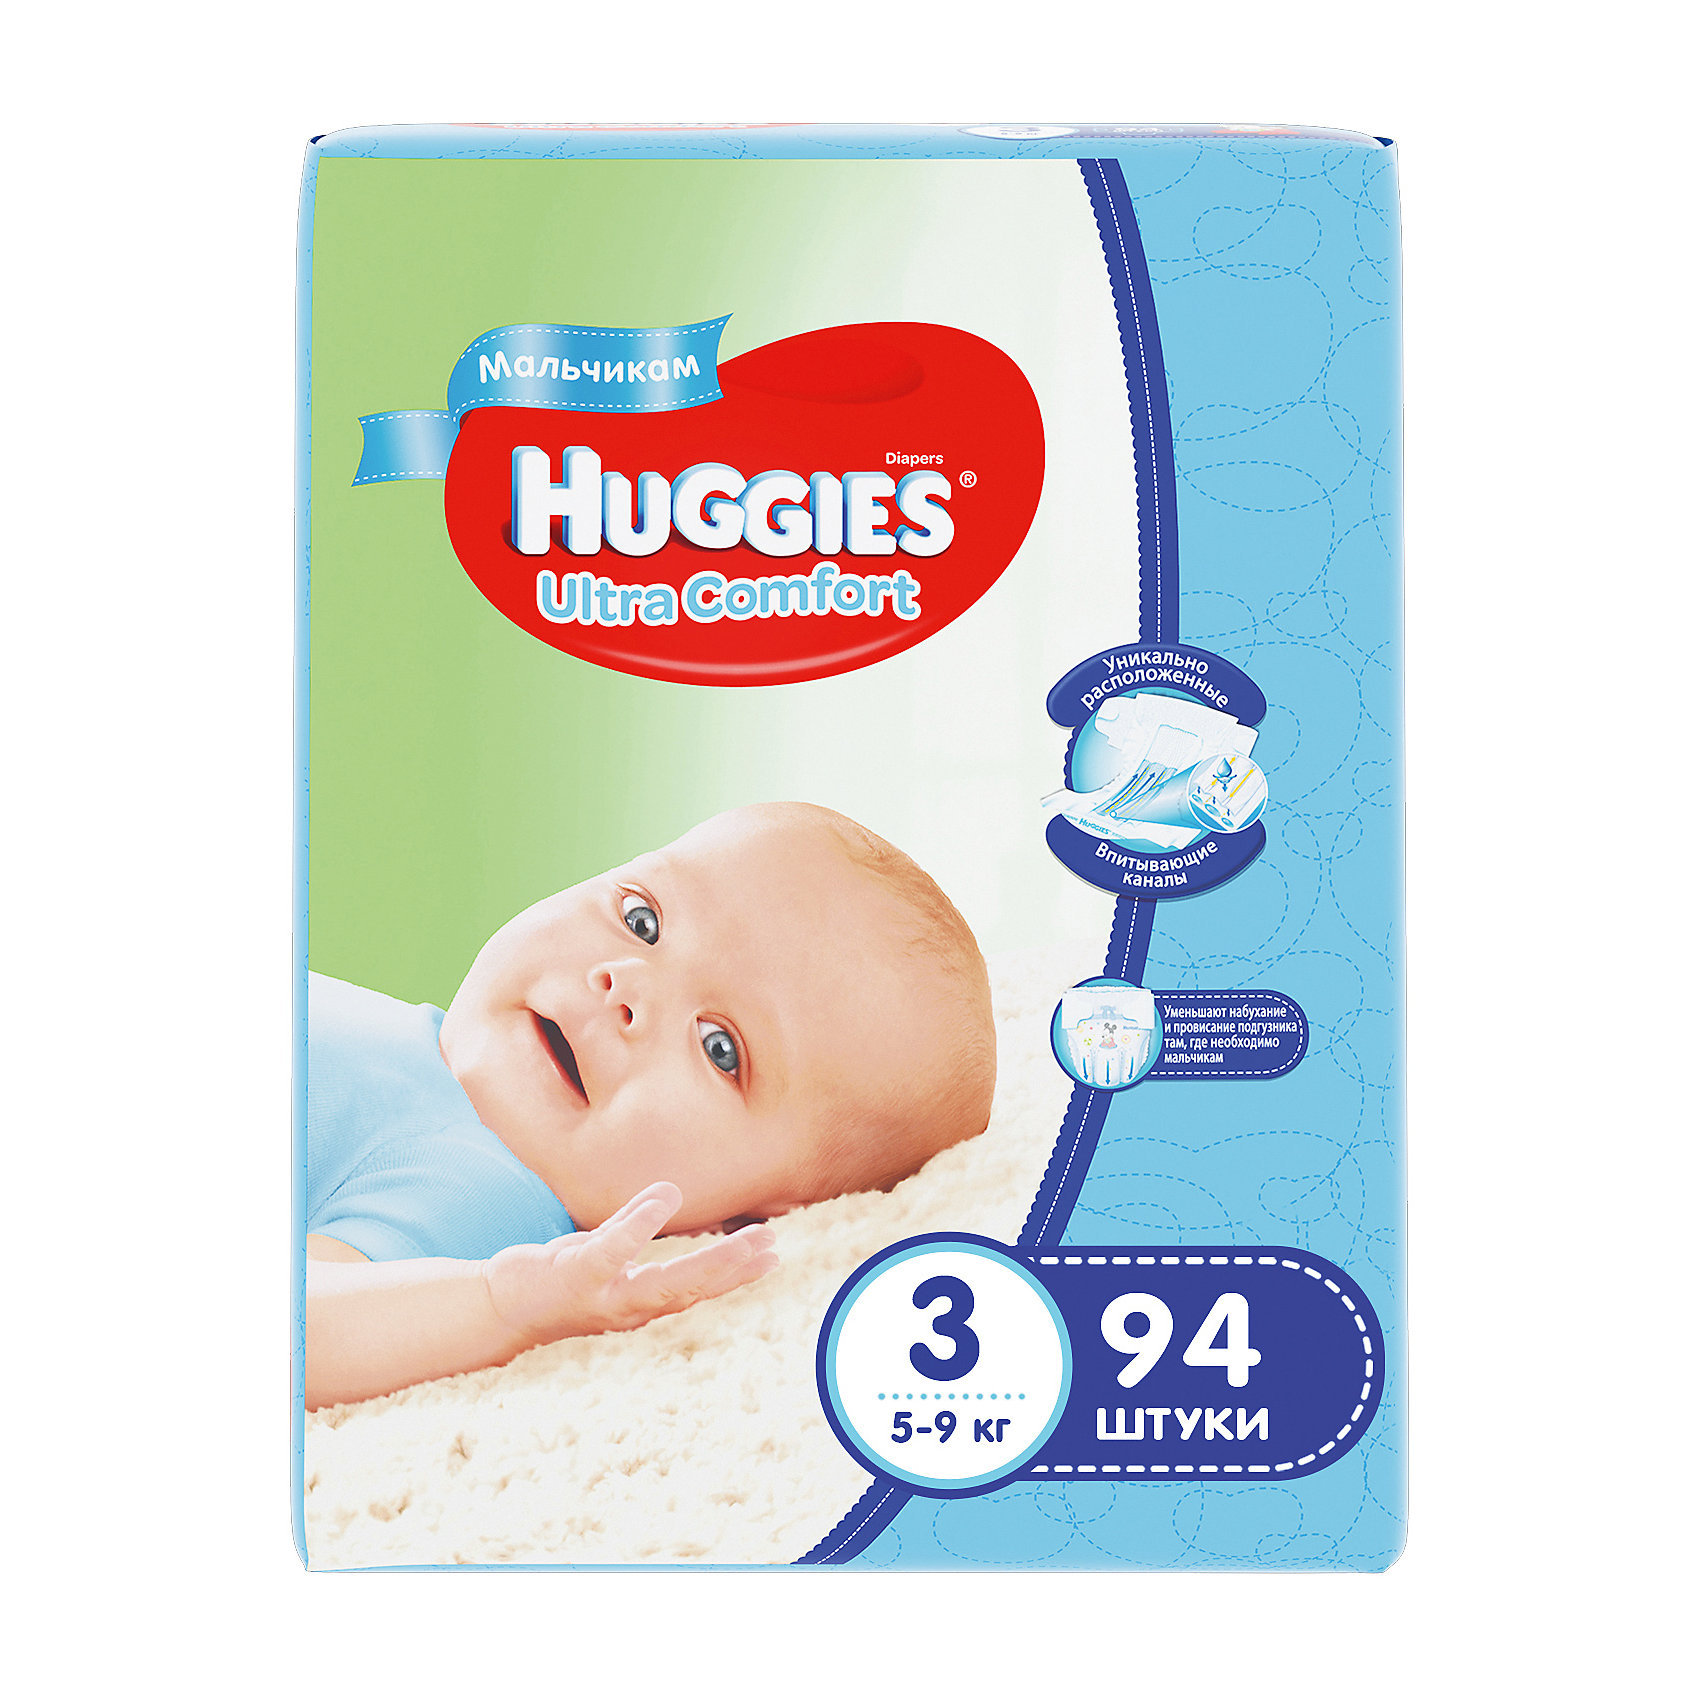 Подгузники Huggies Ultra Comfort 3 Giga Pack для мальчиков, 5-9 кг, 94 шт.Mickey Mouse Для малышей<br>С первых дней жизни мальчики и девочки такие разные.<br><br>Новые подгузники Huggies Ultra Comfort созданы специально для мальчиков и специально для девочек. Для лучшего впитывания распределяющий слой в этих подгузниках расположен там, где это нужнее всего: по центру для девочек и выше для мальчиков. Huggies Ultra Comfort изготовлены из мягких материалов с микропорами, которые позволяют коже «дышать». Специальные тянущиеся застежки с закругленными краями надежно фиксируют подгузник, а широкий суперэластичный поясок позволяет малышам свободно двигаться.<br><br>Ключевые преимущества новых Huggies Ultra Comfort:<br><br>- Широкий суперэластичный поясок помогает надежно фиксировать подгузник по спинке малыша и защищать кожу от натирания<br>- Анатомическая форма. Изогнутые резиночки повторяют анатомическую форму подгузника, помогая защитить от натирания между ножками <br>- Ультра мягкий внутренний слой по всей длине подгузника оберегает кожу малыша.<br>- Специально разработанный слой Dry Touch впитывает за секунды и помогает запереть влагу внутри.<br>- Яркие эксклюзивные подгузники c дизайном от Disney подчеркивают индивидуальность маленьких модников и модниц.<br><br>Huggies Ultra Comfort для мальчиков и для девочек — потому что они такие разные.<br><br>Дополнительная информация:<br><br>Для мальчиков.<br>Размер: 3, для малышей от 5 до 9 кг.<br>В упаковке: 94 шт.<br><br>Подгузники Huggies Ultra Comfort для мальчиков Giga Pack (3) 5-9 кг, 94 шт. можно купить в нашем интернет-магазине.<br><br>Ширина мм: 410<br>Глубина мм: 405<br>Высота мм: 107<br>Вес г: 3008<br>Возраст от месяцев: 0<br>Возраст до месяцев: 9<br>Пол: Мужской<br>Возраст: Детский<br>SKU: 3389825